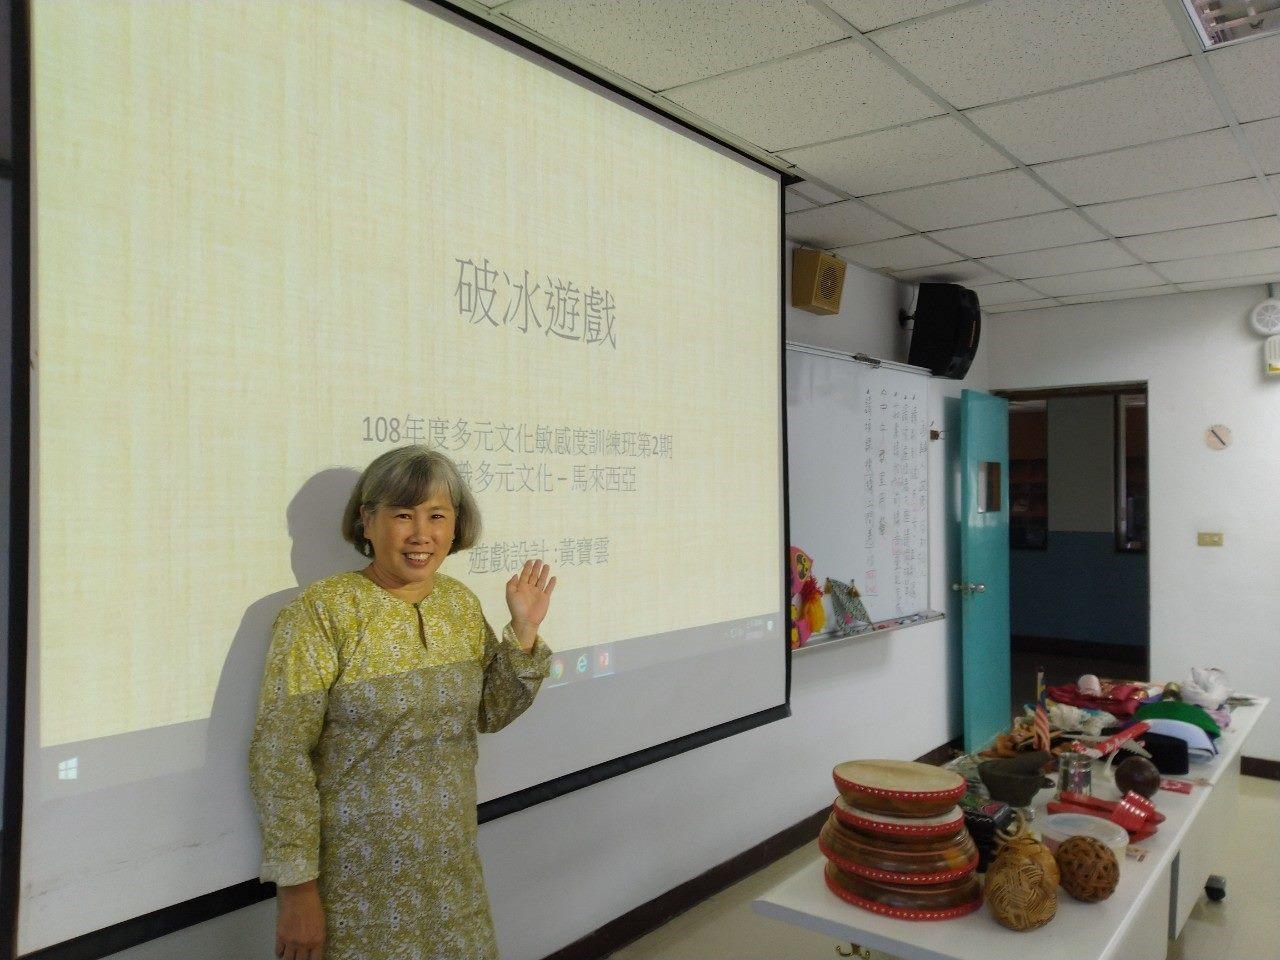 多元文化敏感度訓練研習班成果